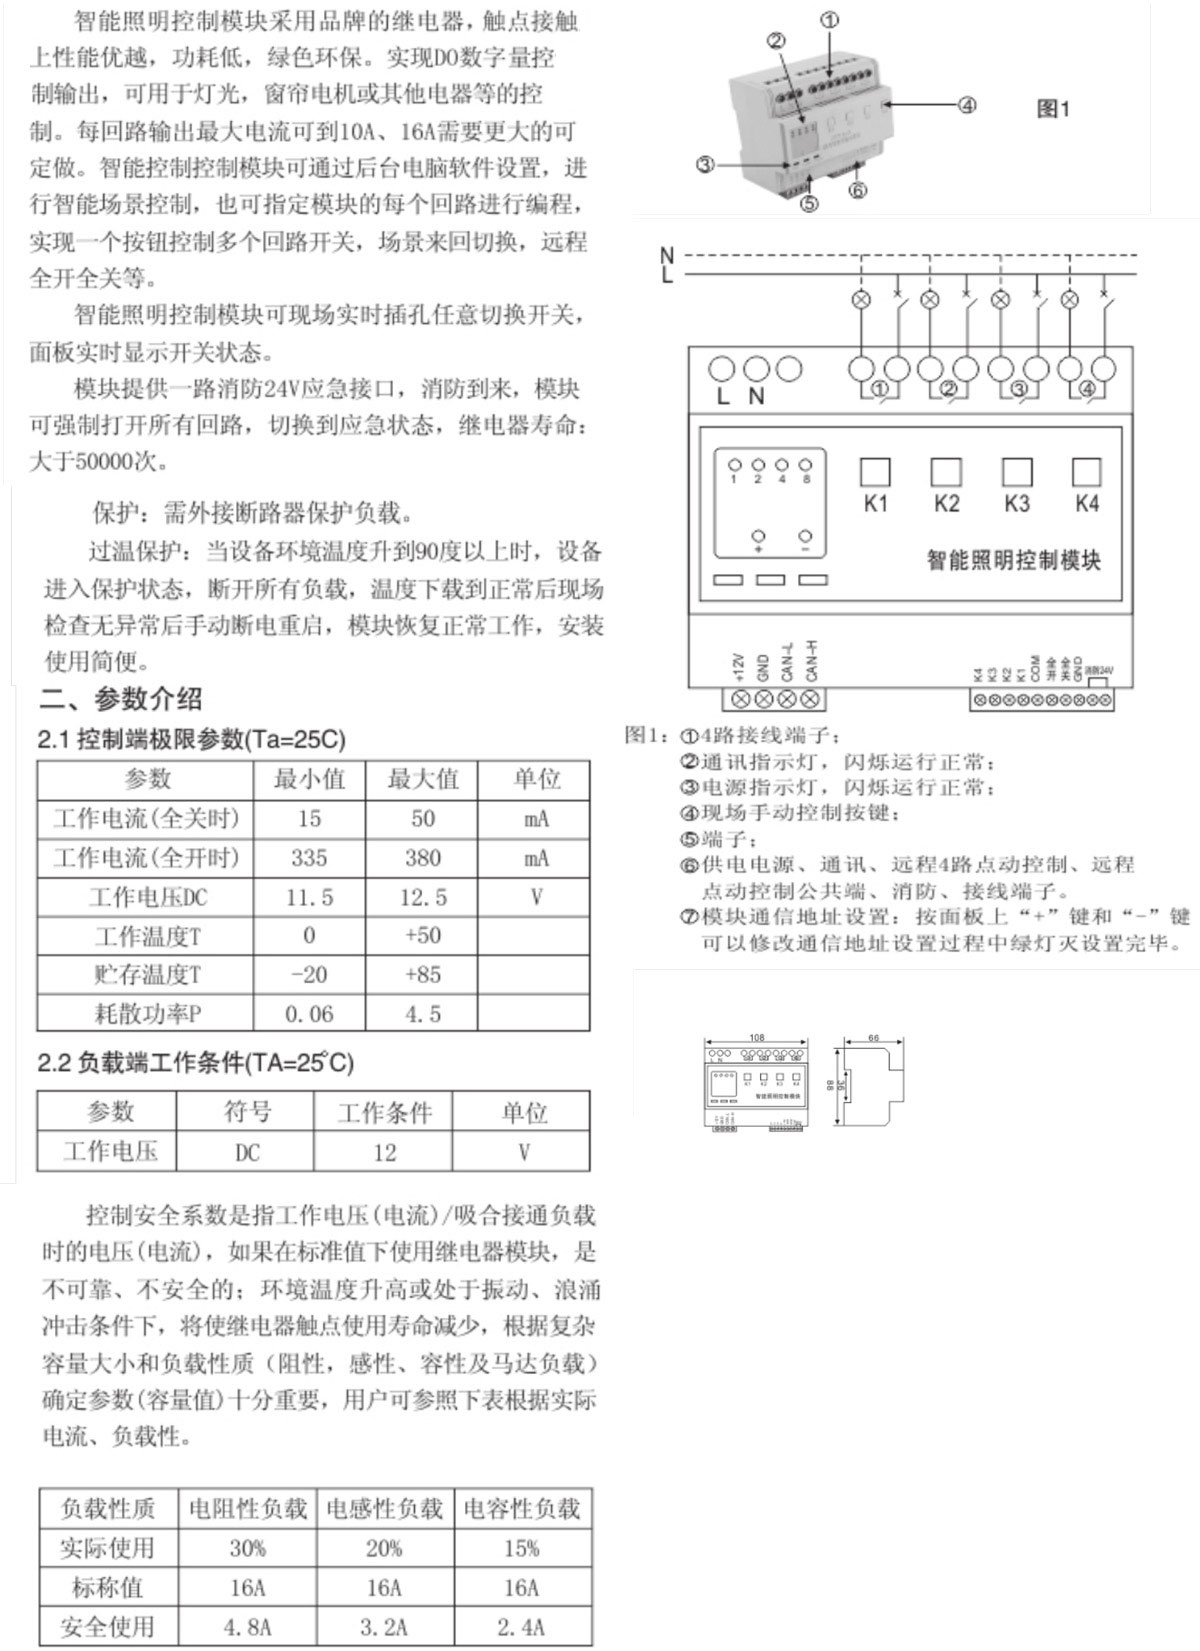 UEEK-IR-1216智能照明模块参数介绍及负载端工作条件